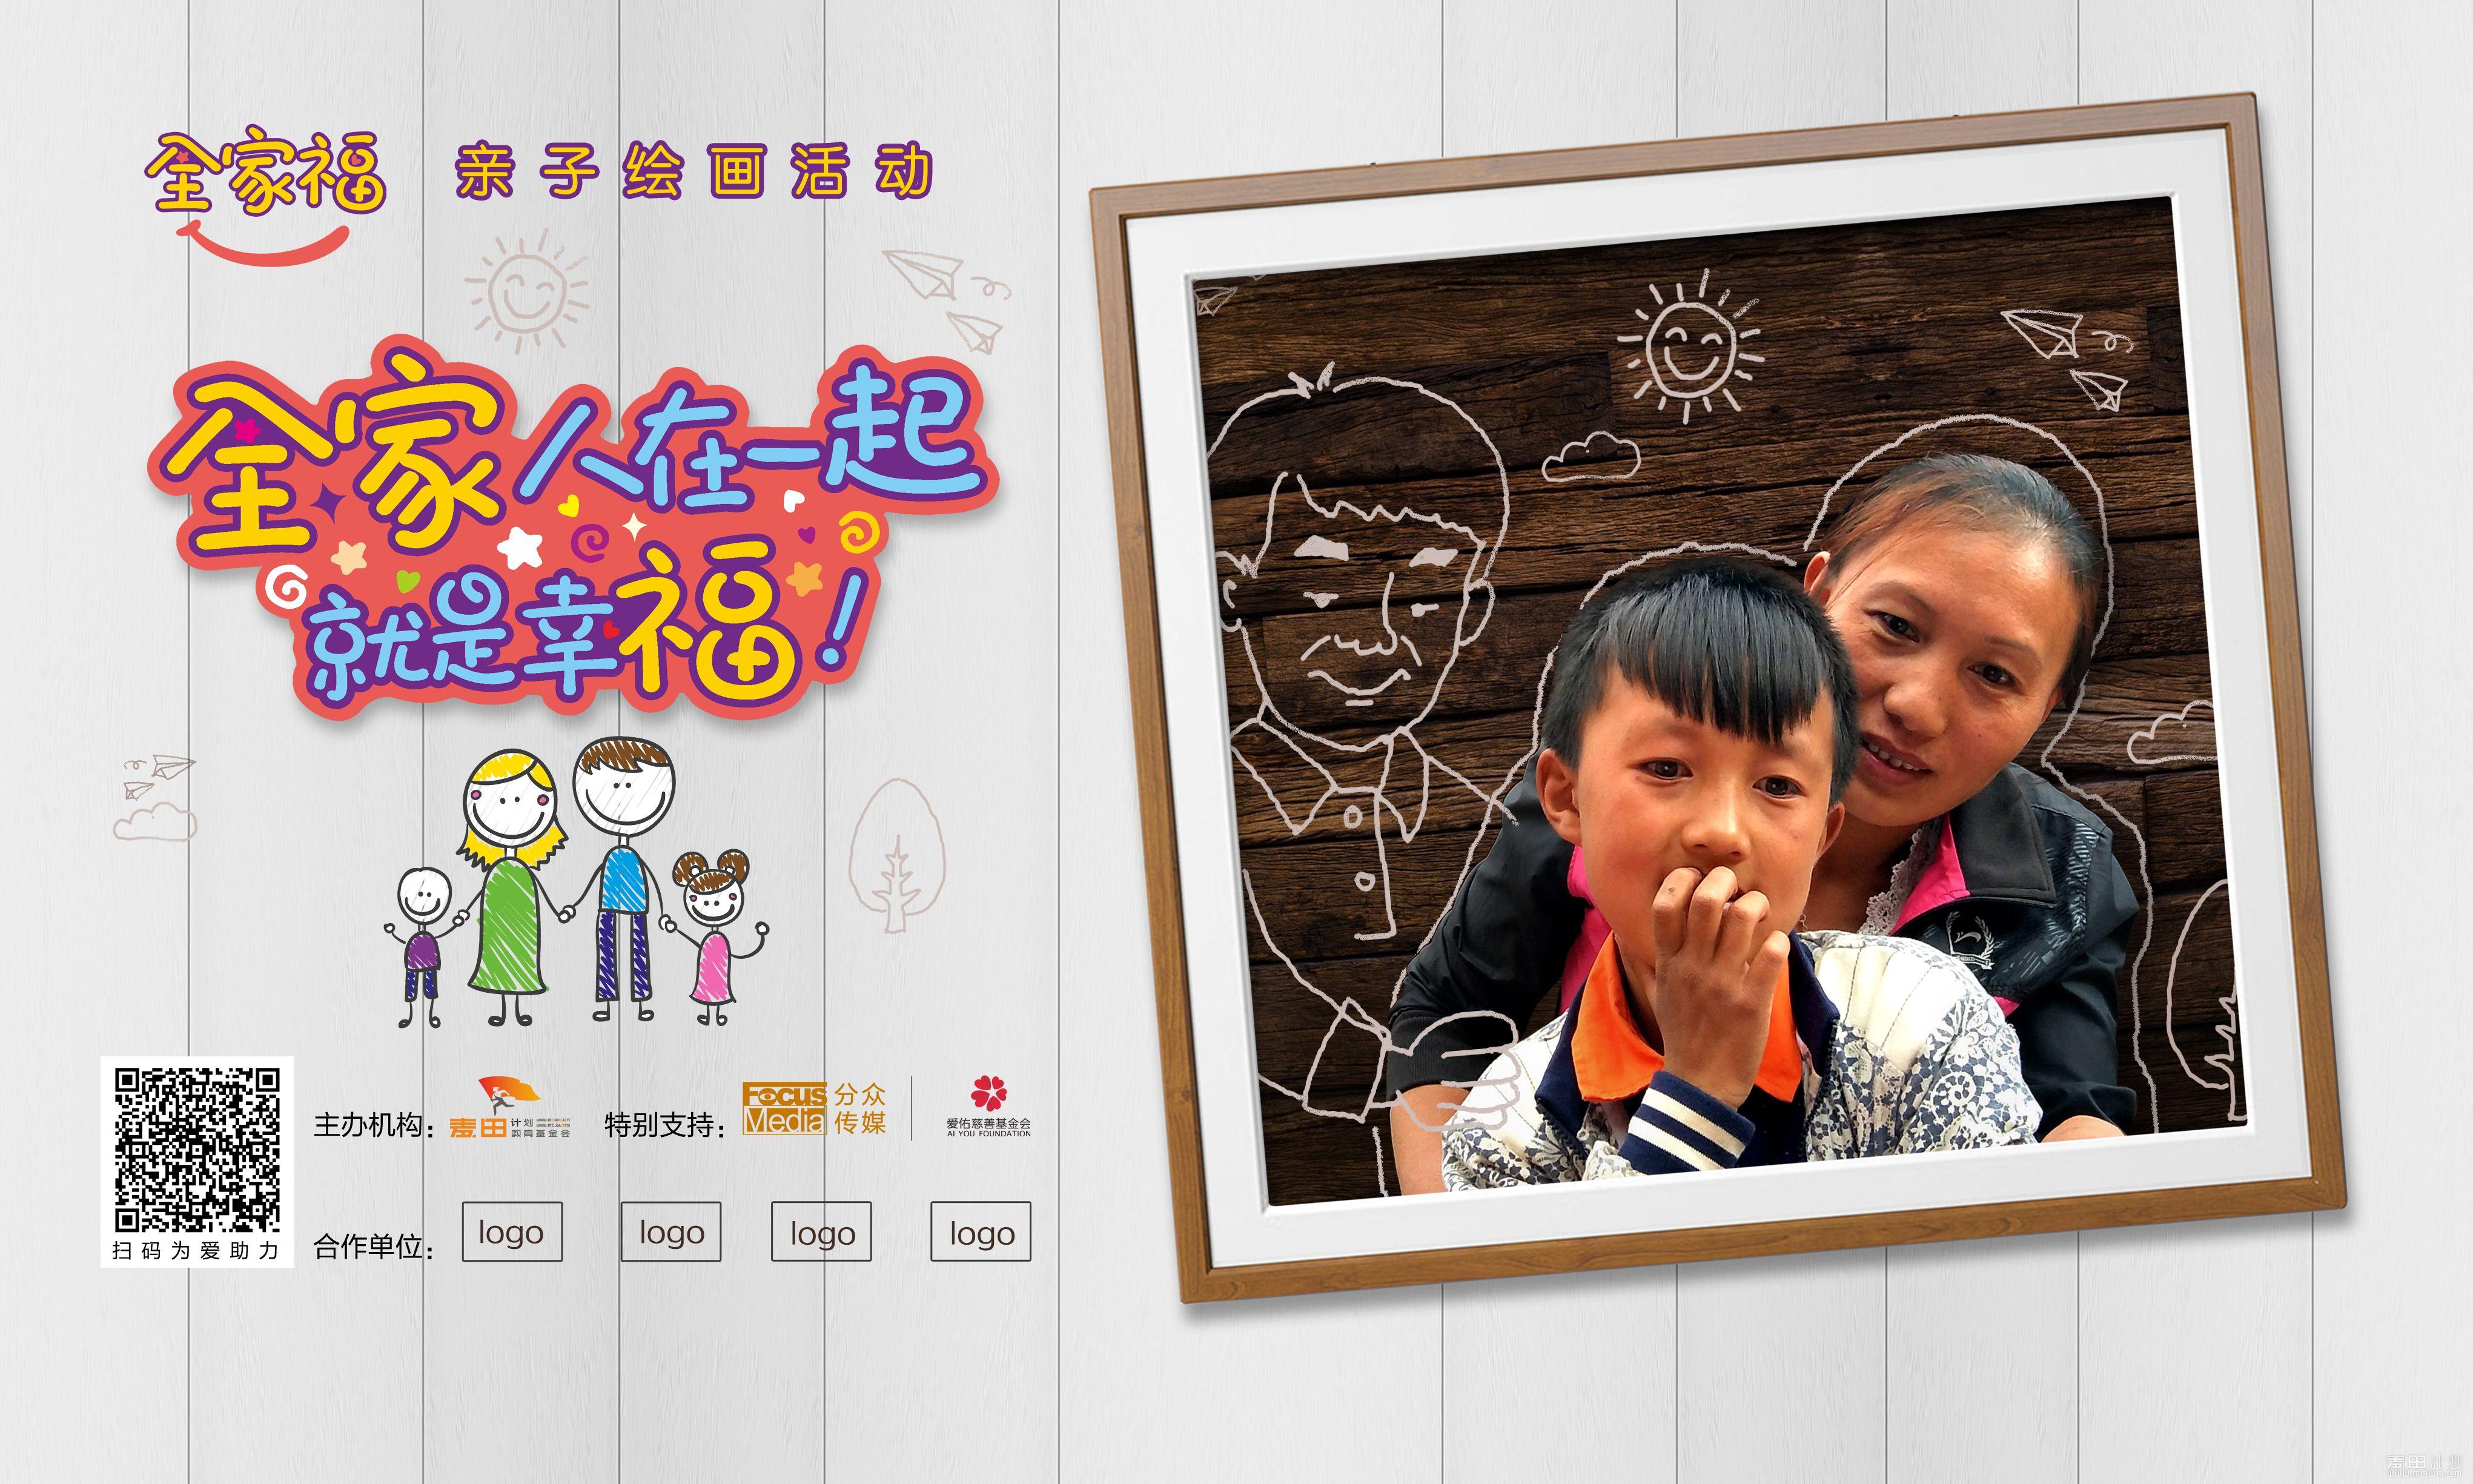 20171128 全家福背景板-最终版.jpg